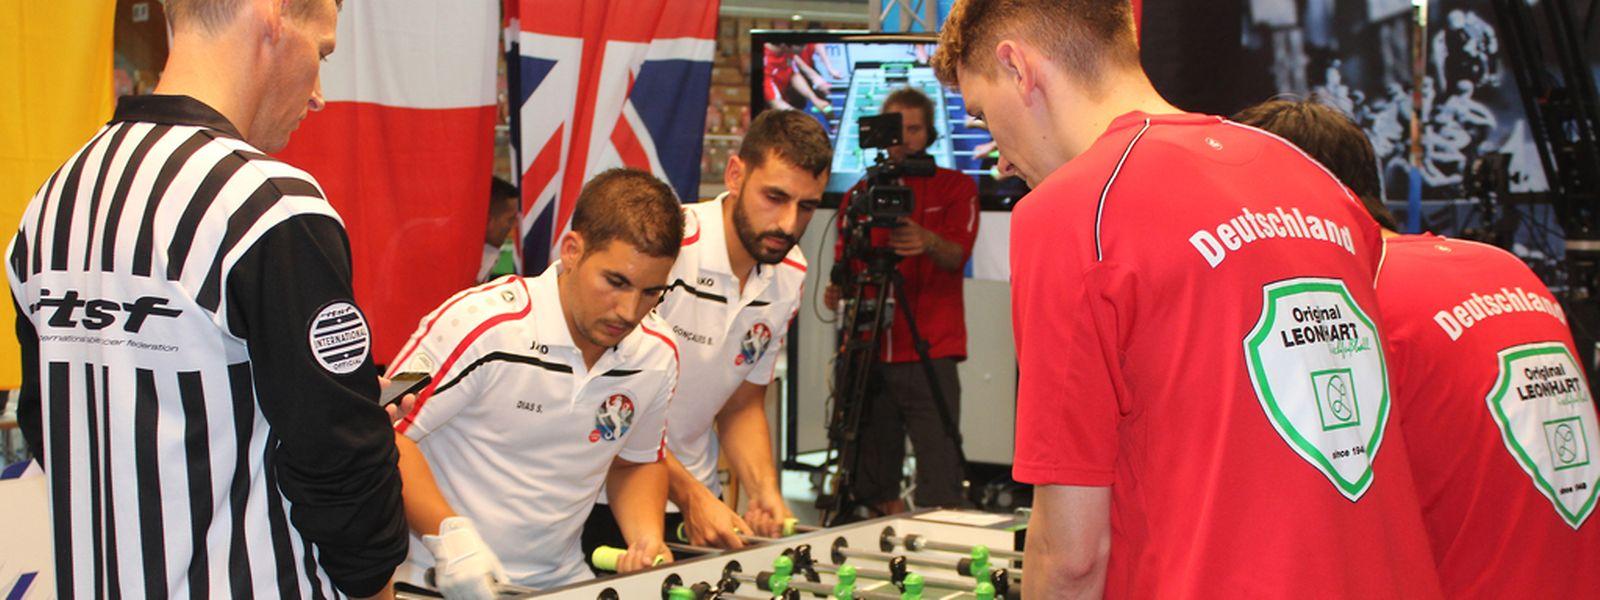 Steve Dias e Bruno Gançalves (de branco) na vitória frente à Alemanha